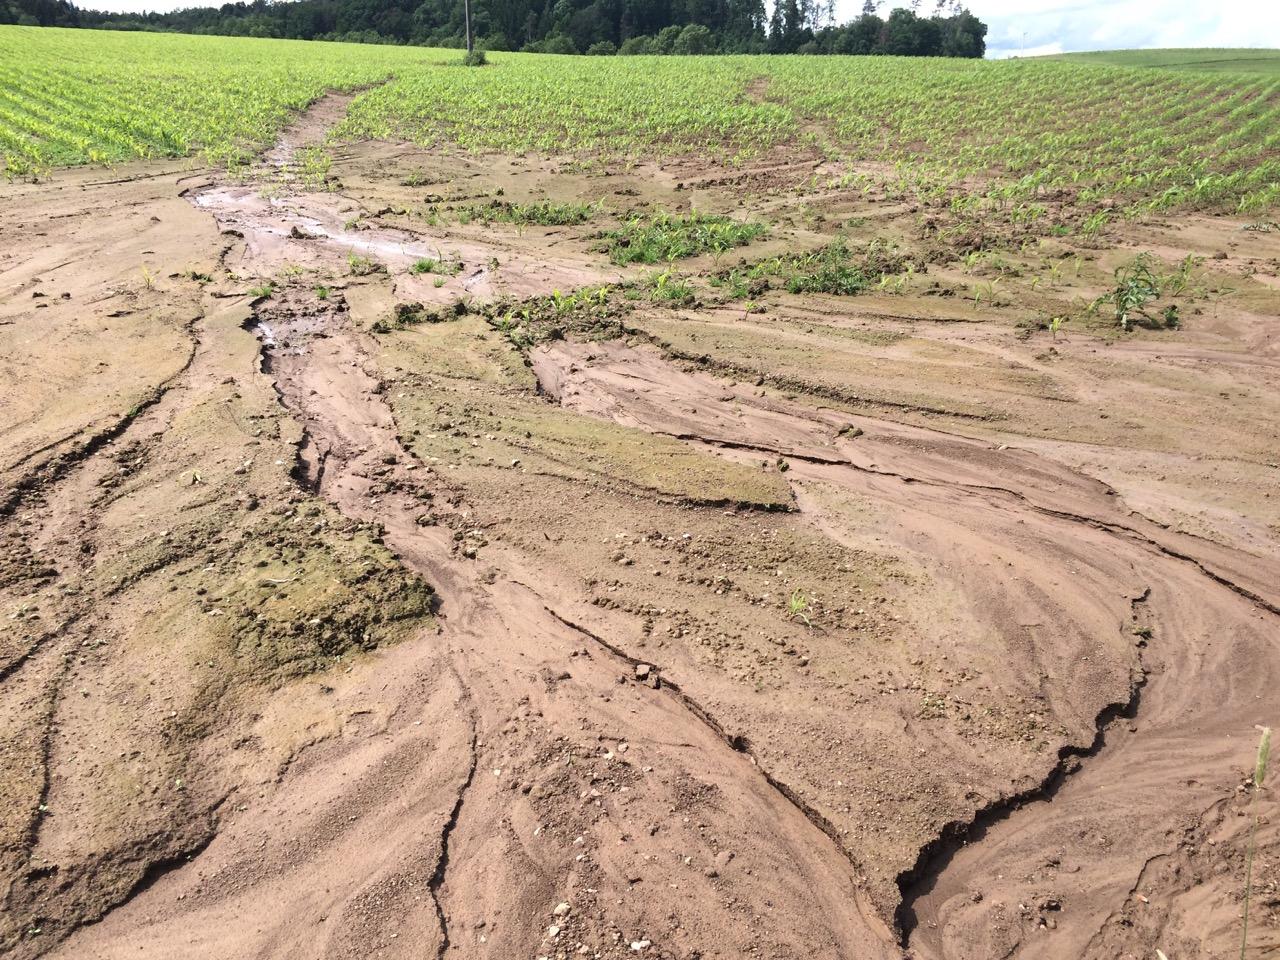 Artikel: Boden- und organische Kohlenstoffverluste durch unterschiedliche Bodennutzung: Eine globale Meta-Analyse